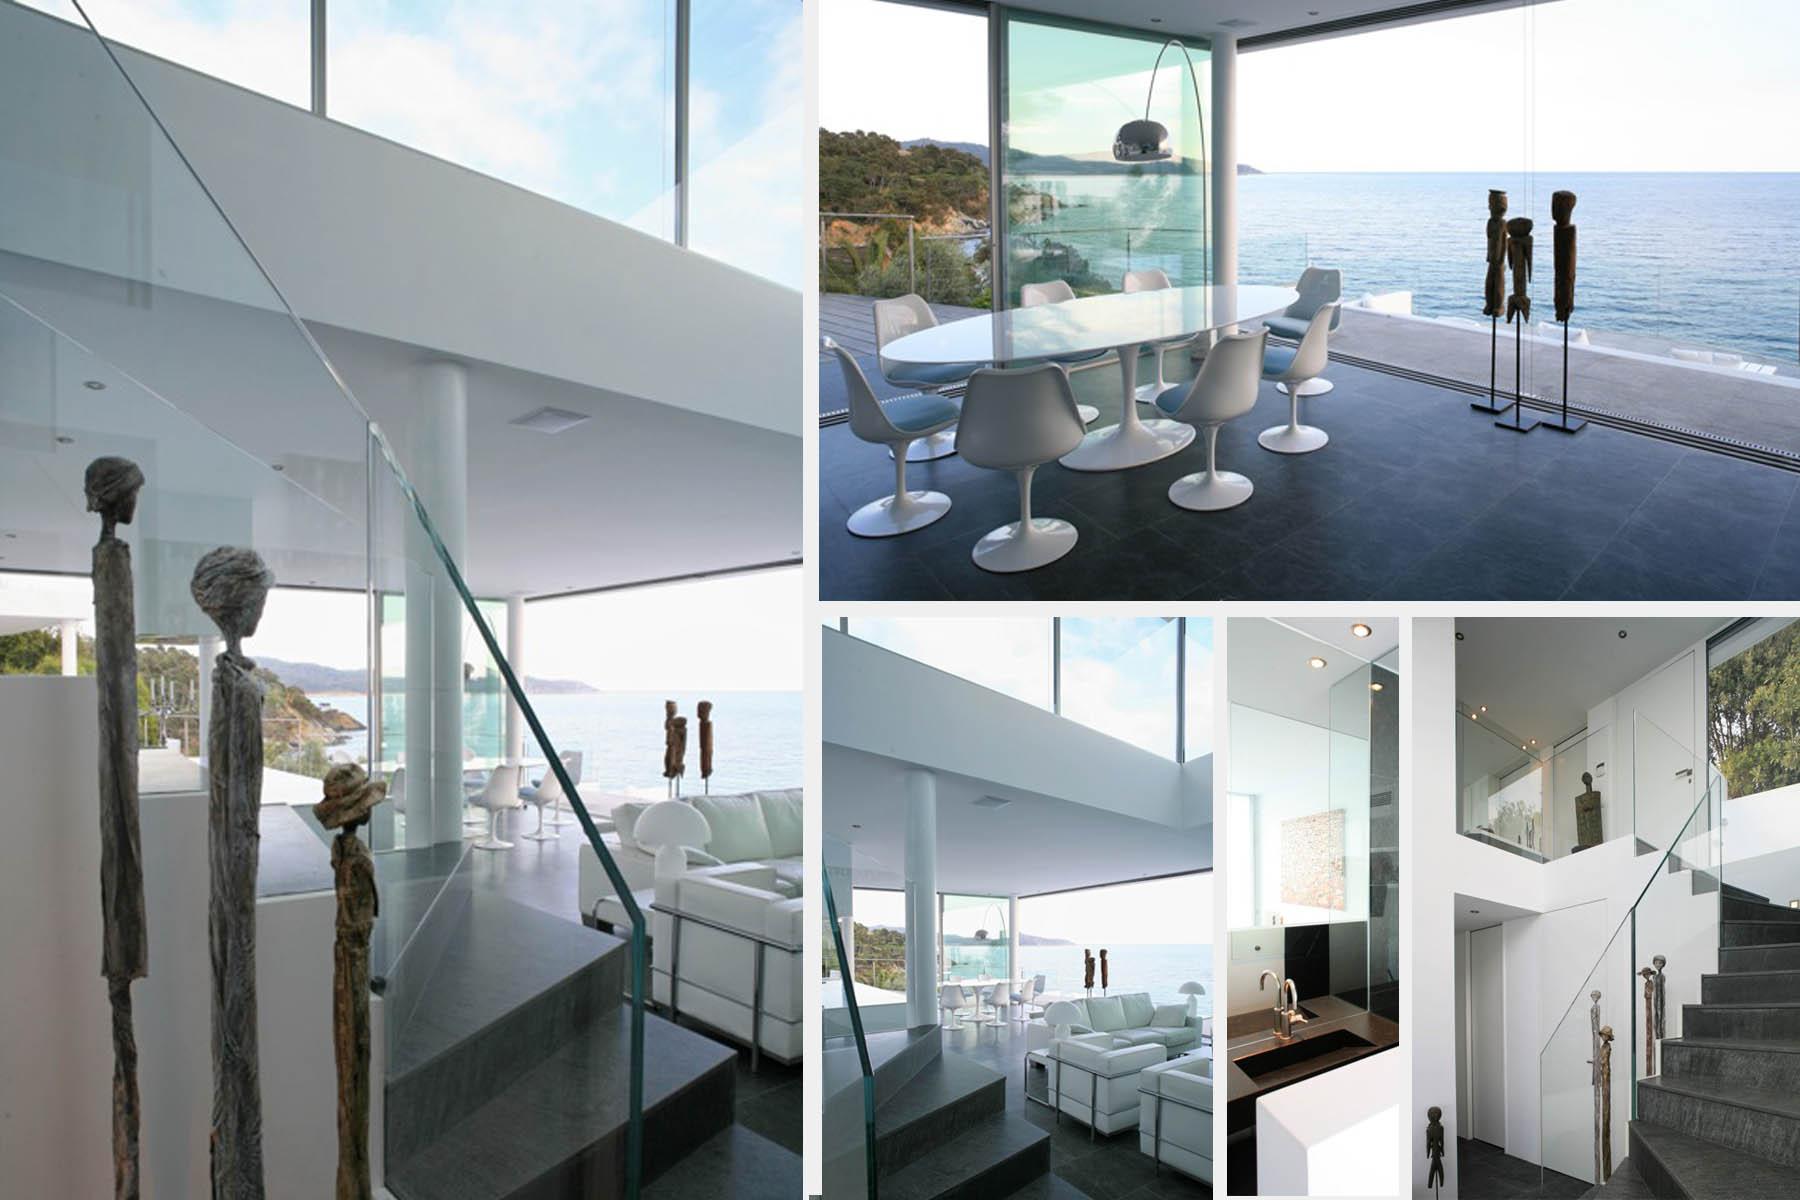 Florence_Watine_Architecte_Designer_Decoratrice_Paris_France_DECO_MAISONG1-4